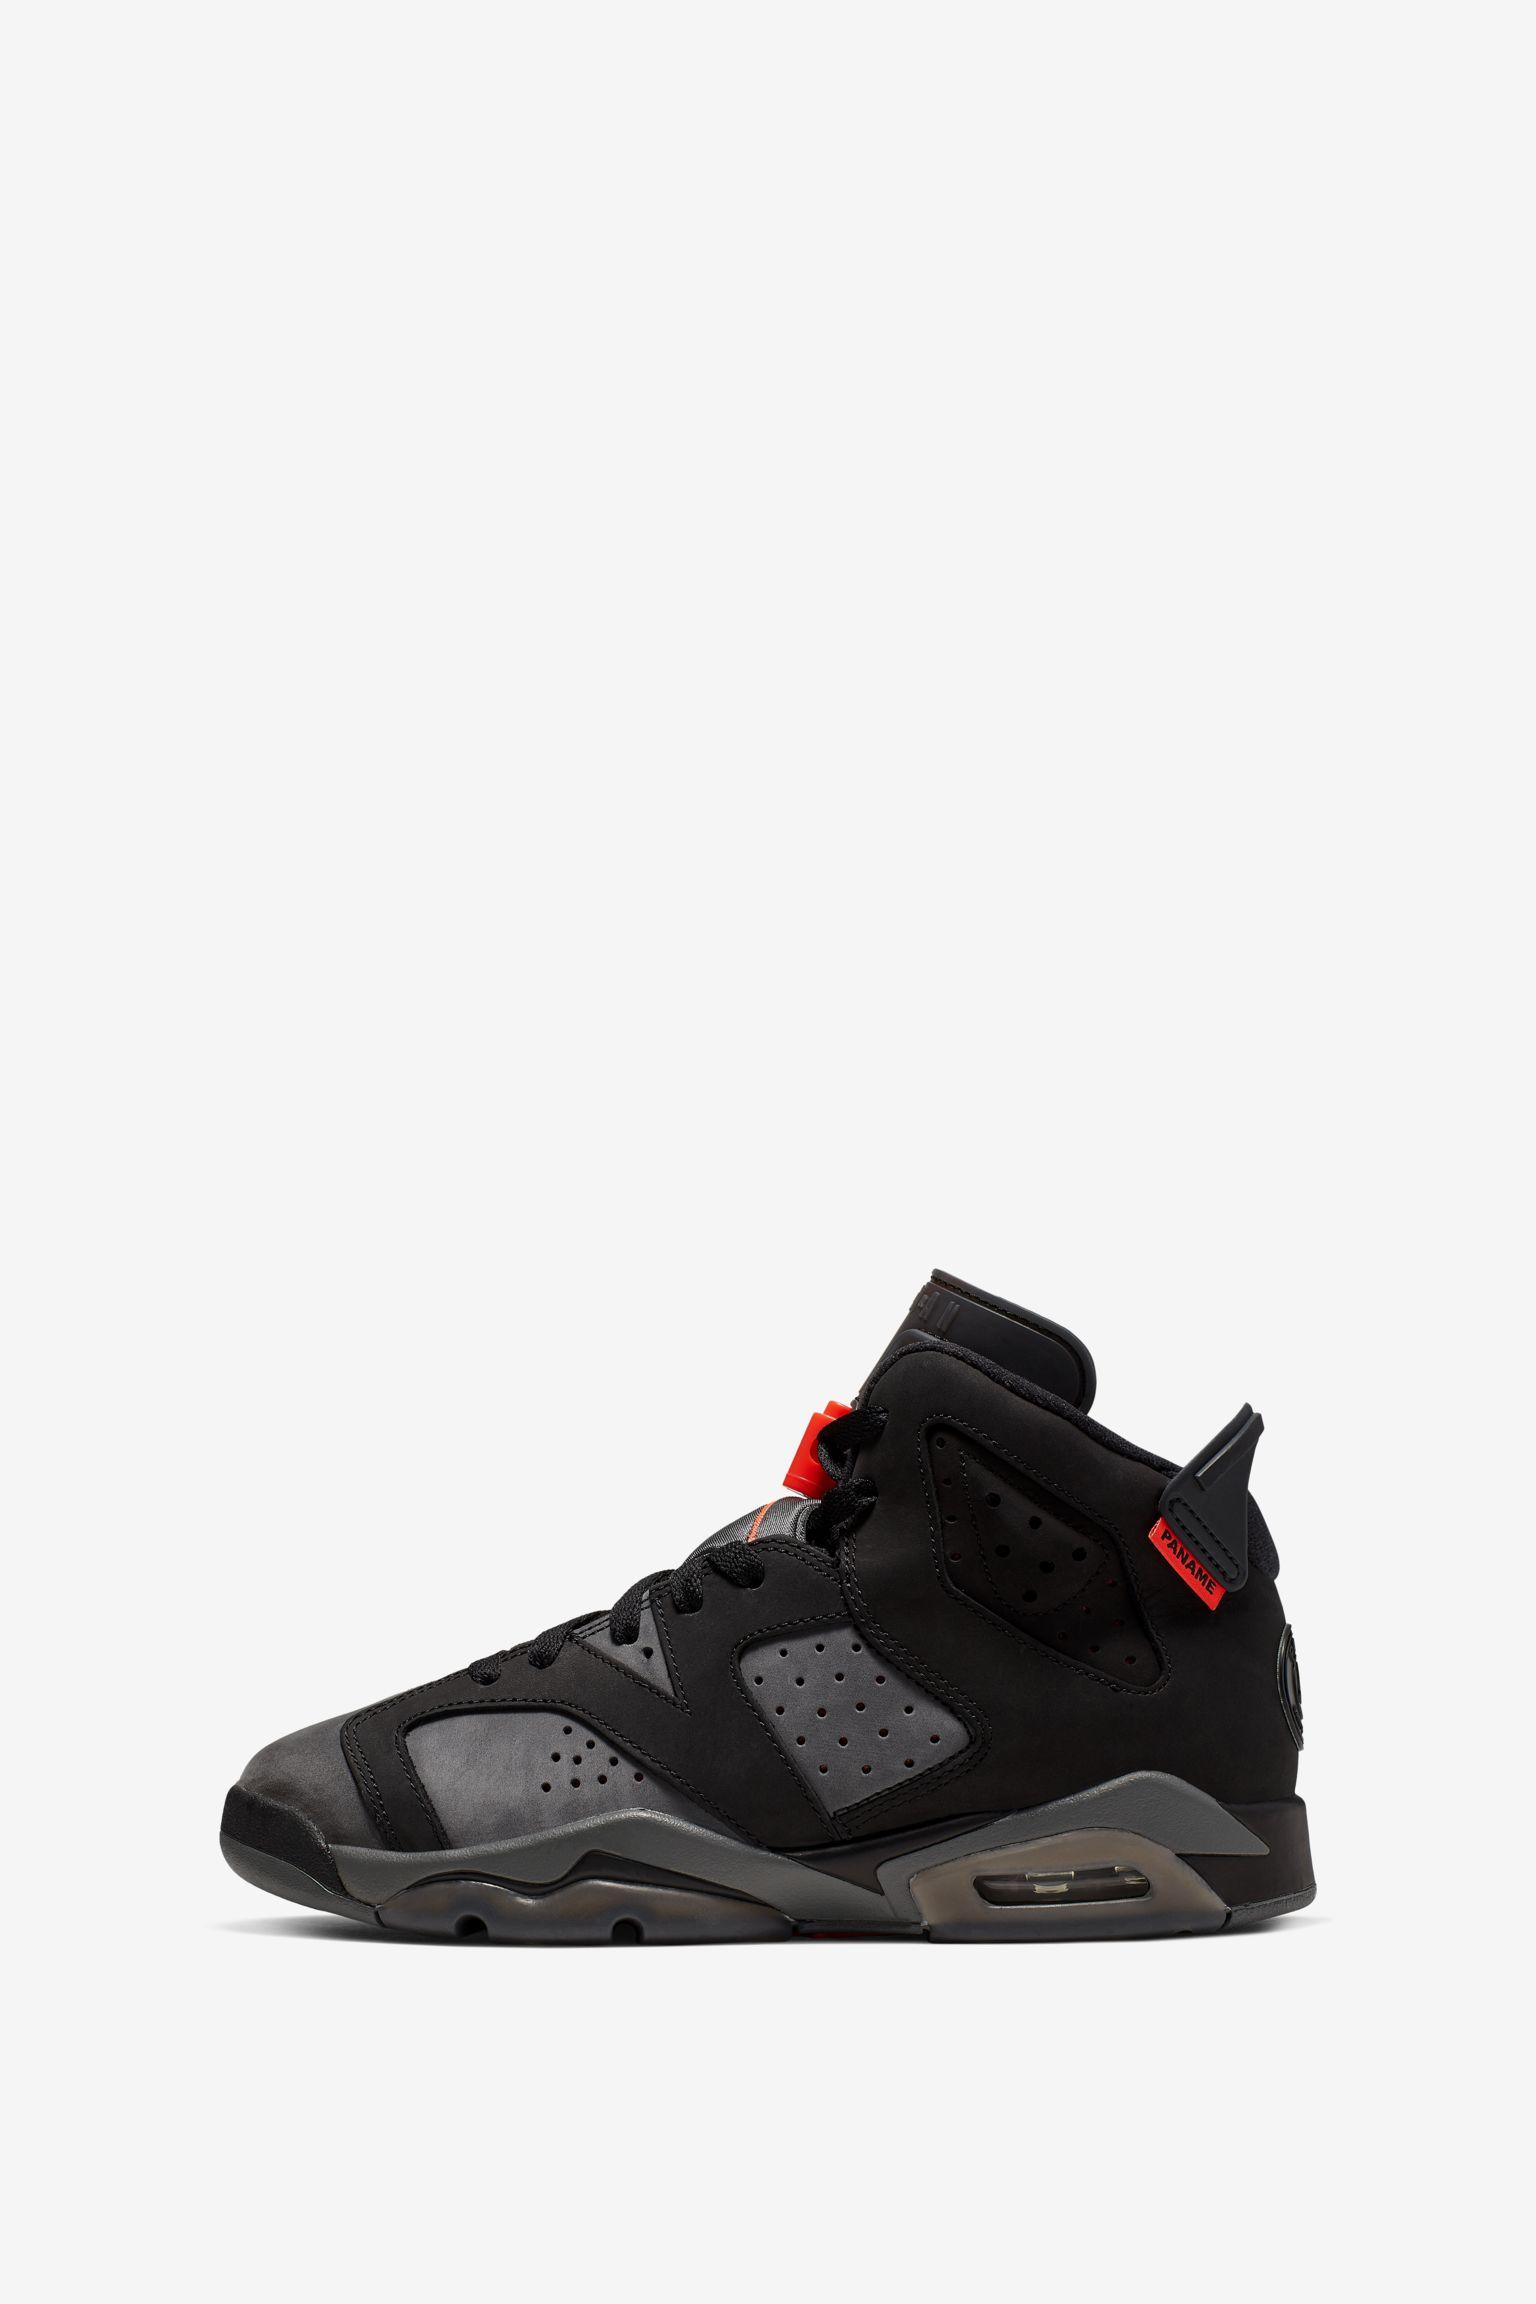 Air Jordan 6 'PSG' Release Date. Nike SNKRS